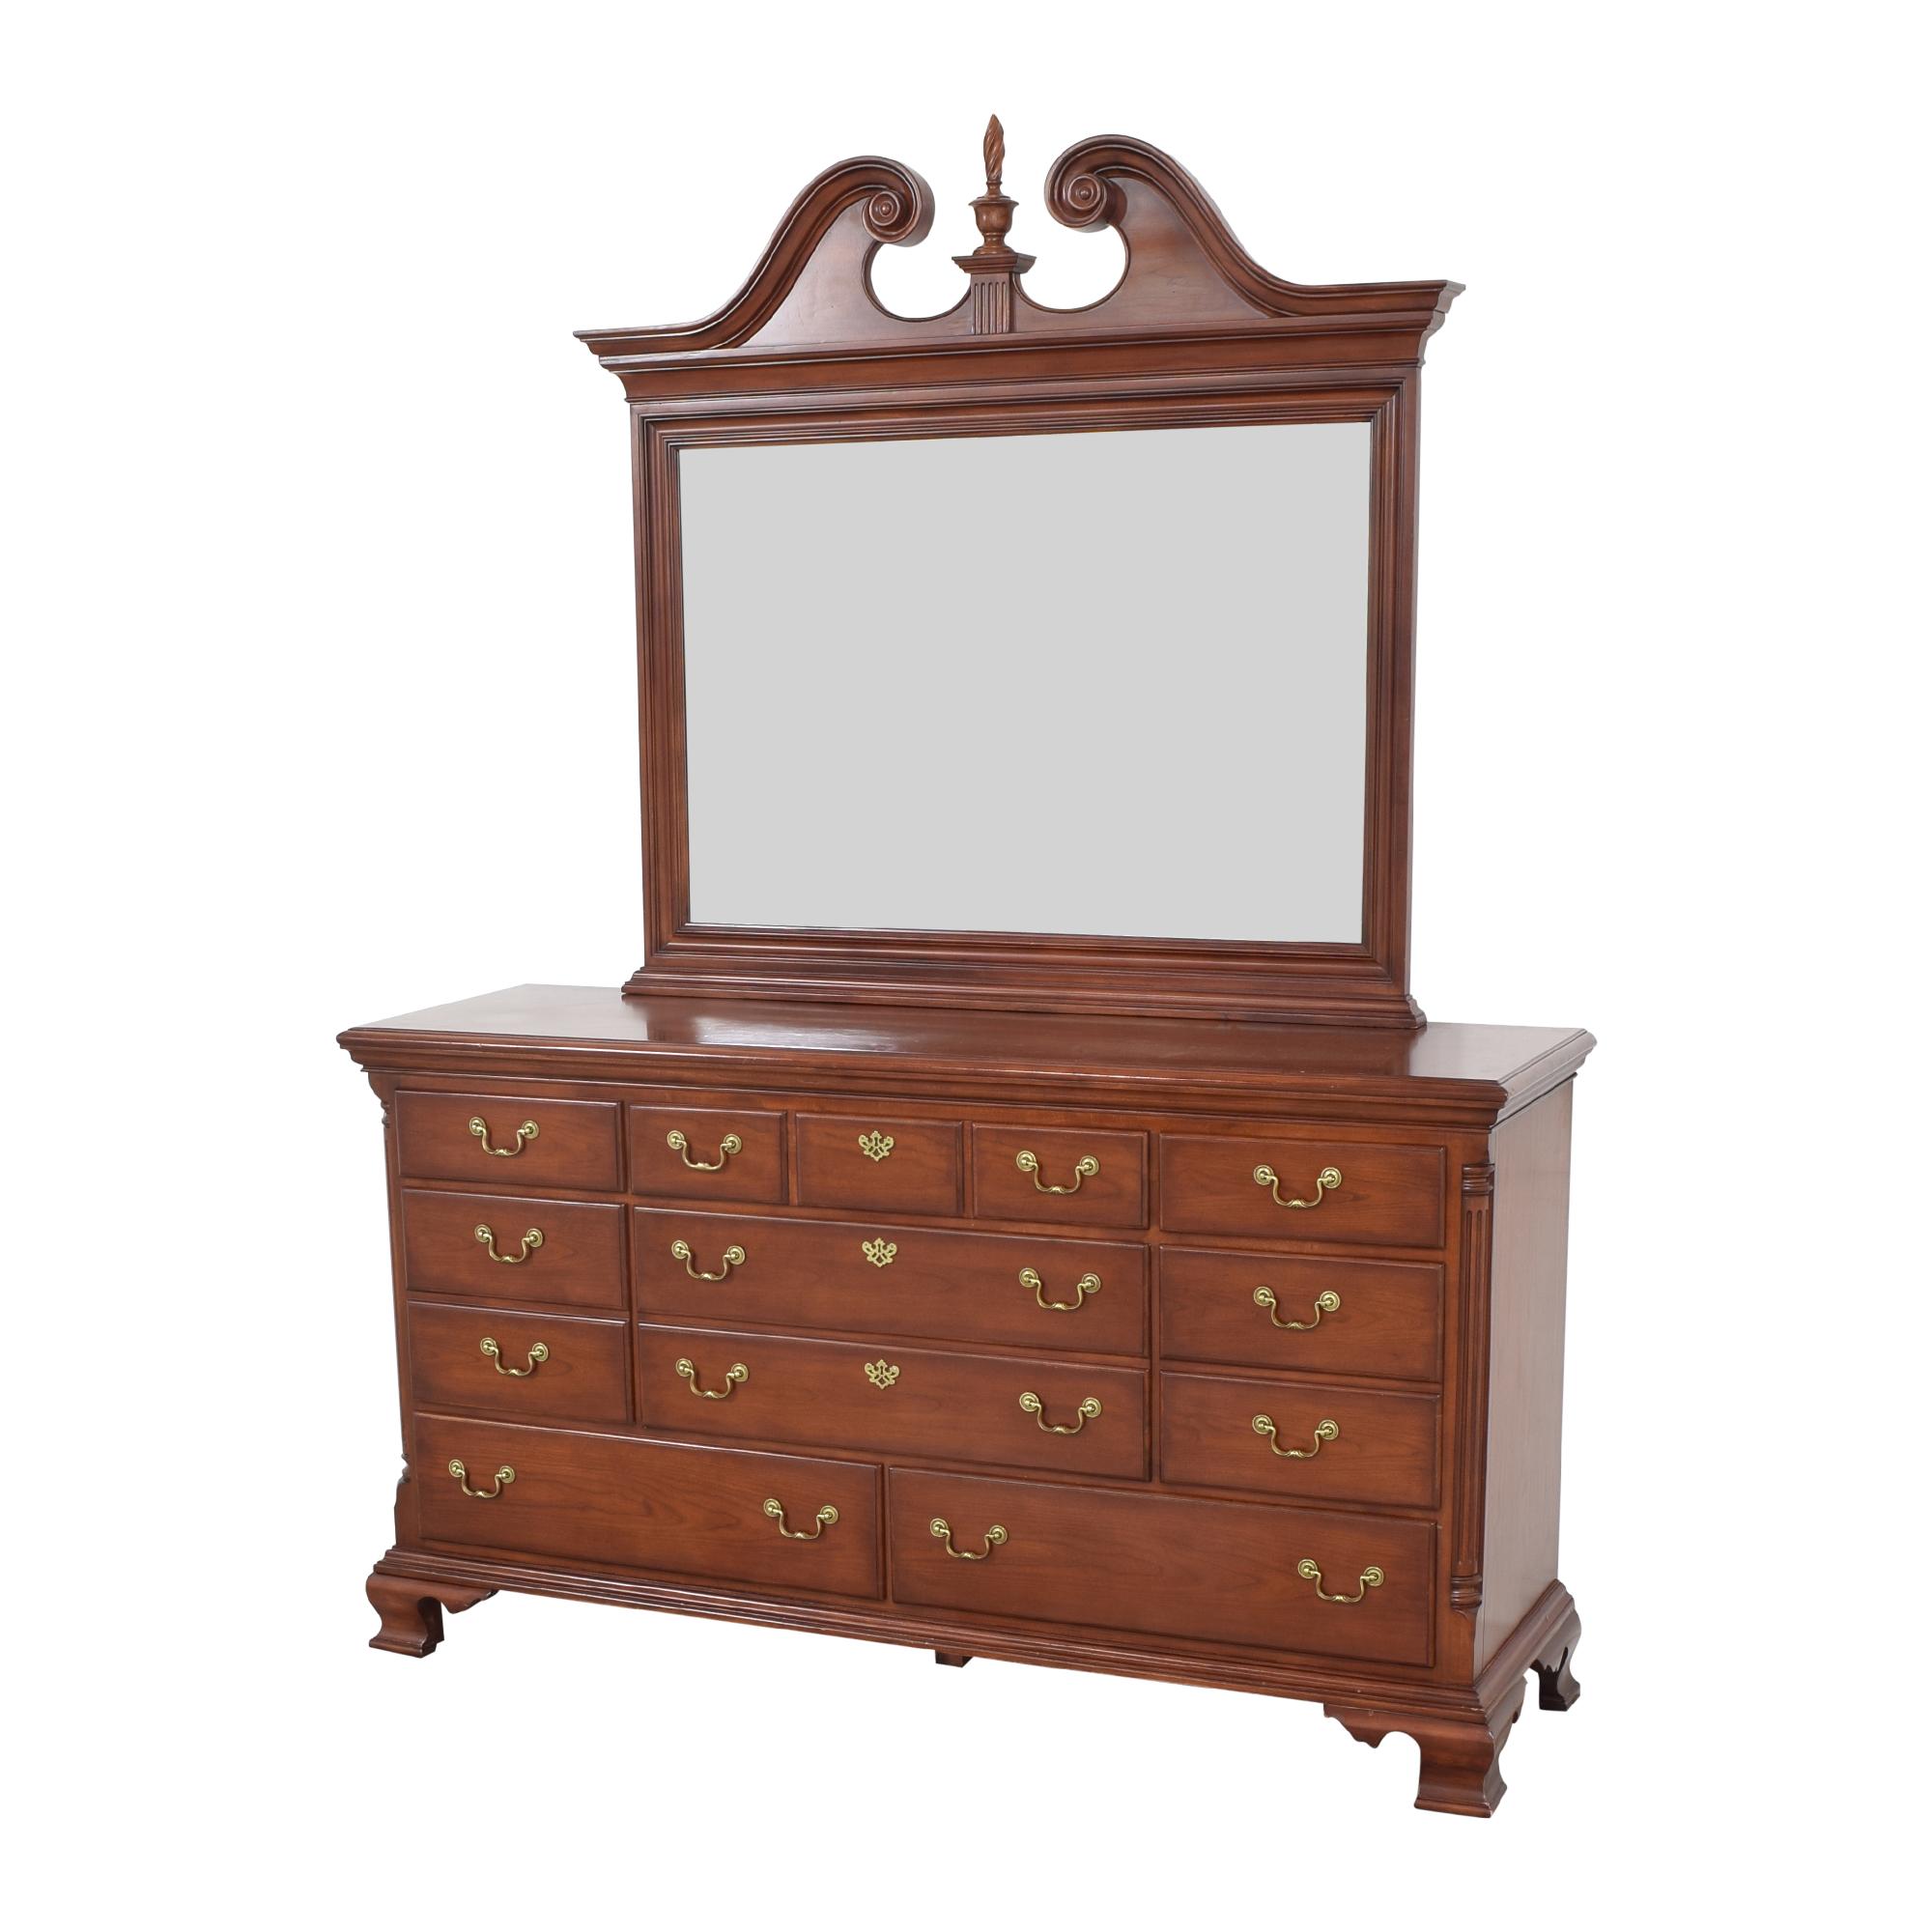 buy Thomasville Thomasville Eight Drawer Dresser with Mirror online